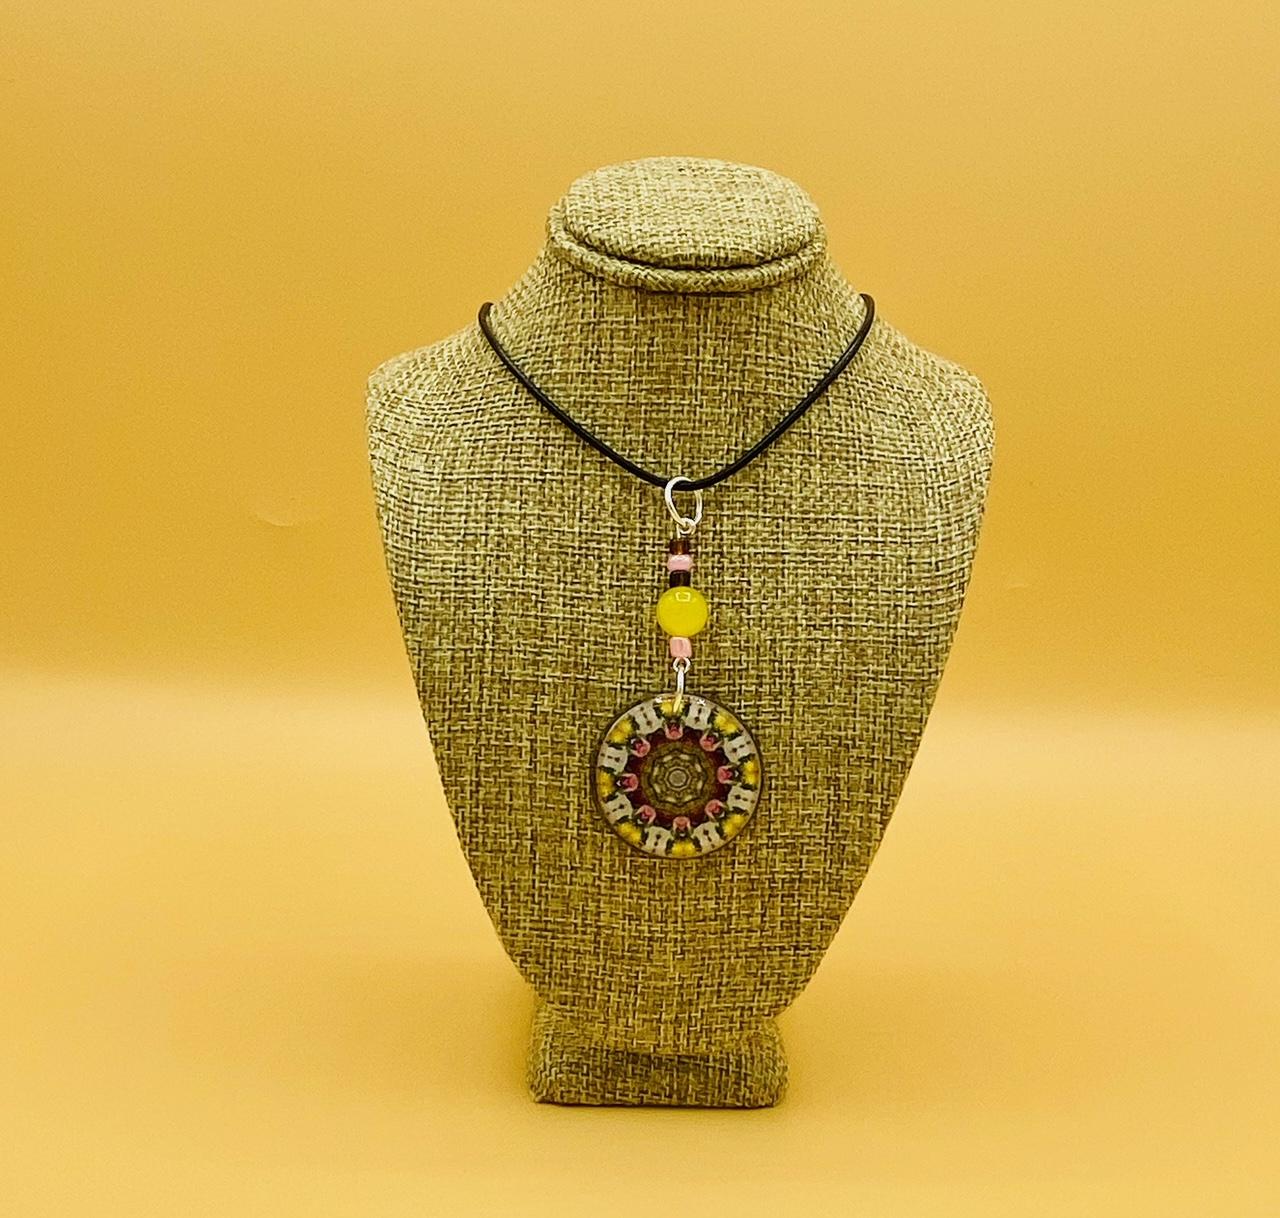 Serenity Mandala Pendant